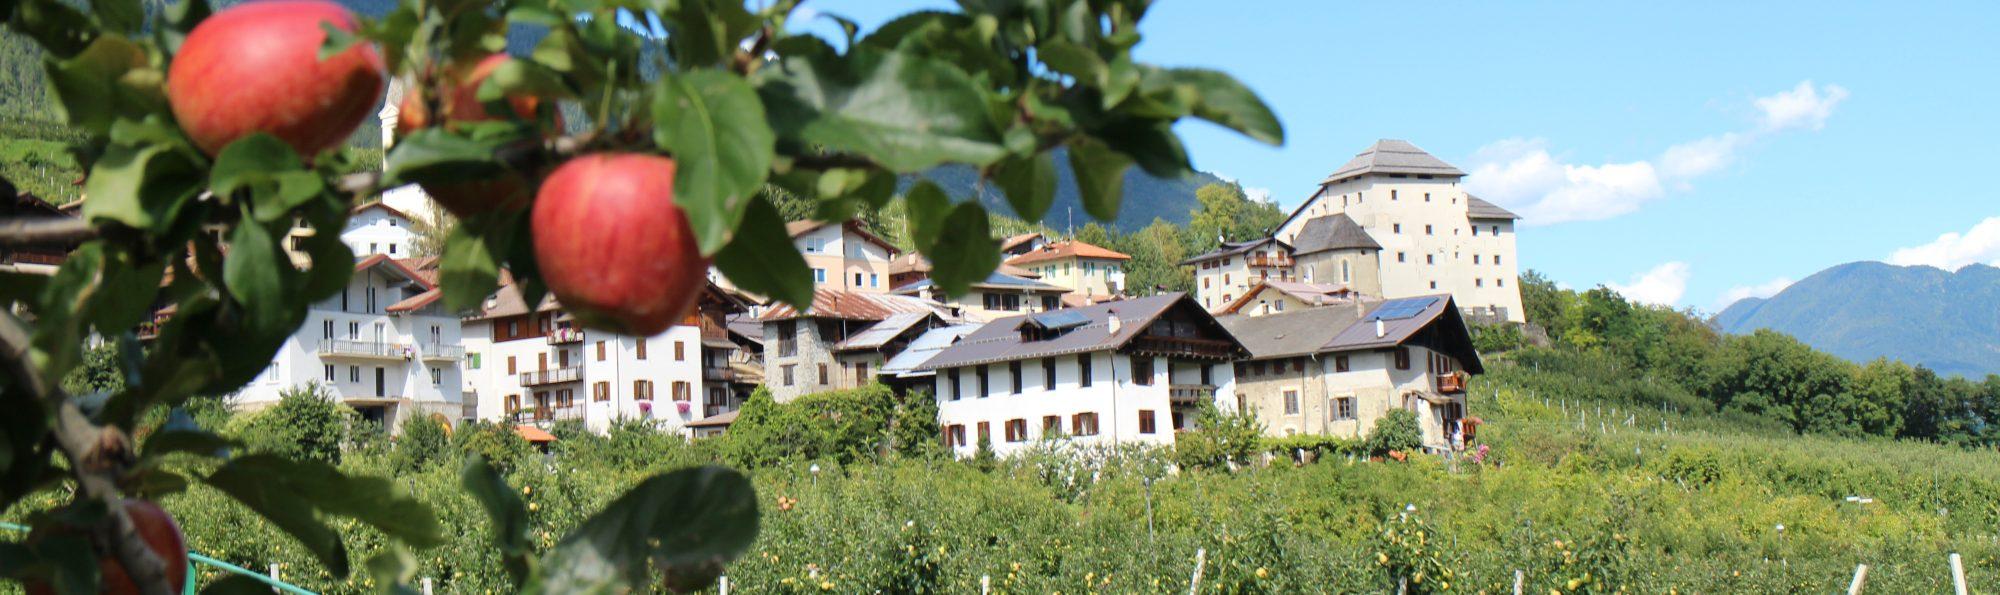 Castel-Caldes_Foto-Andreis-Dario (4)